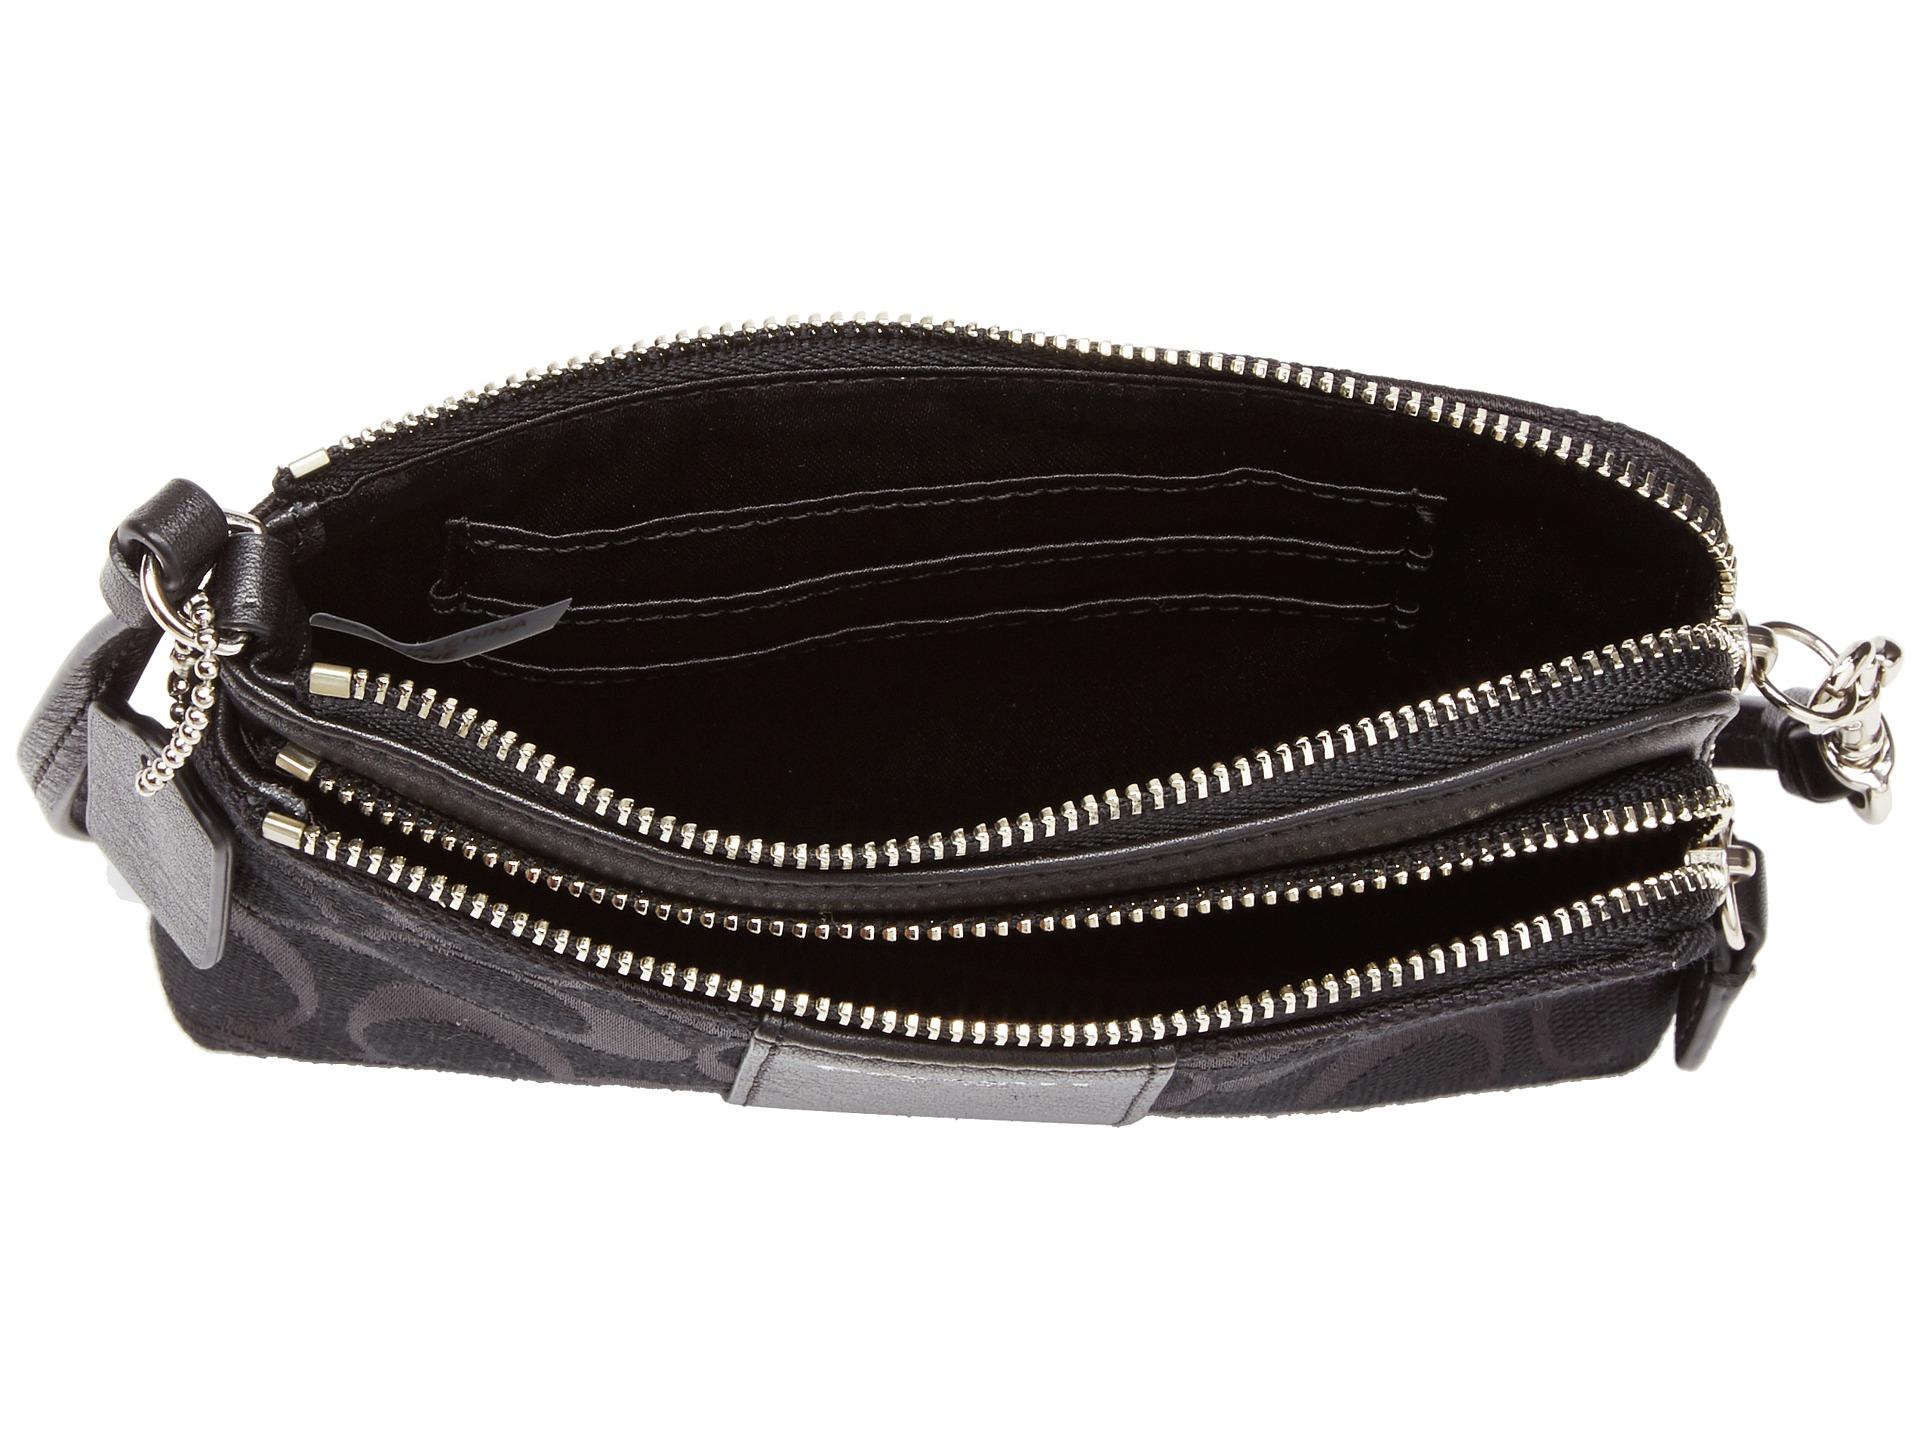 coach legacy signature double zip wristlet silver black